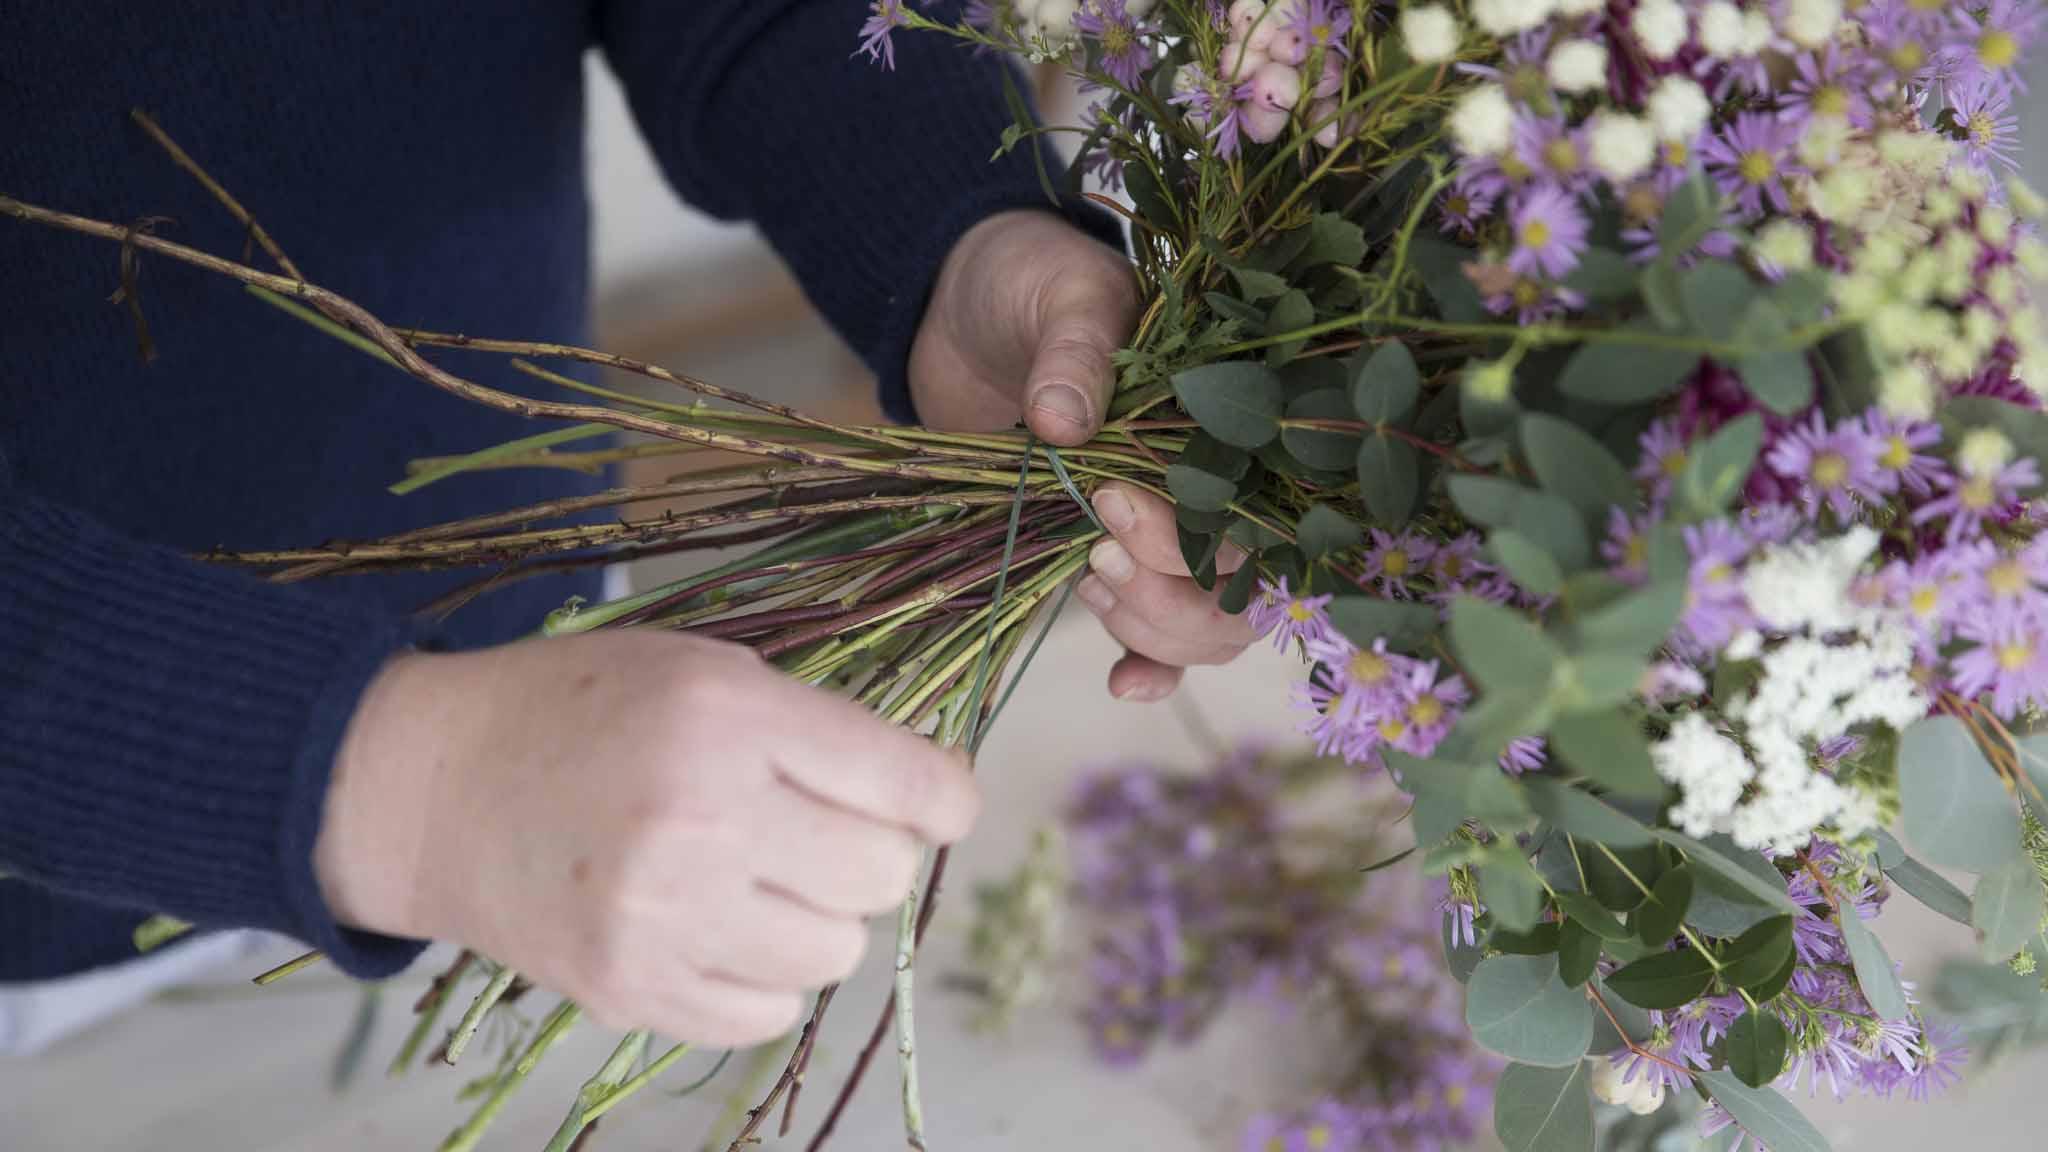 Teamevent-Blumen binden-Bild6